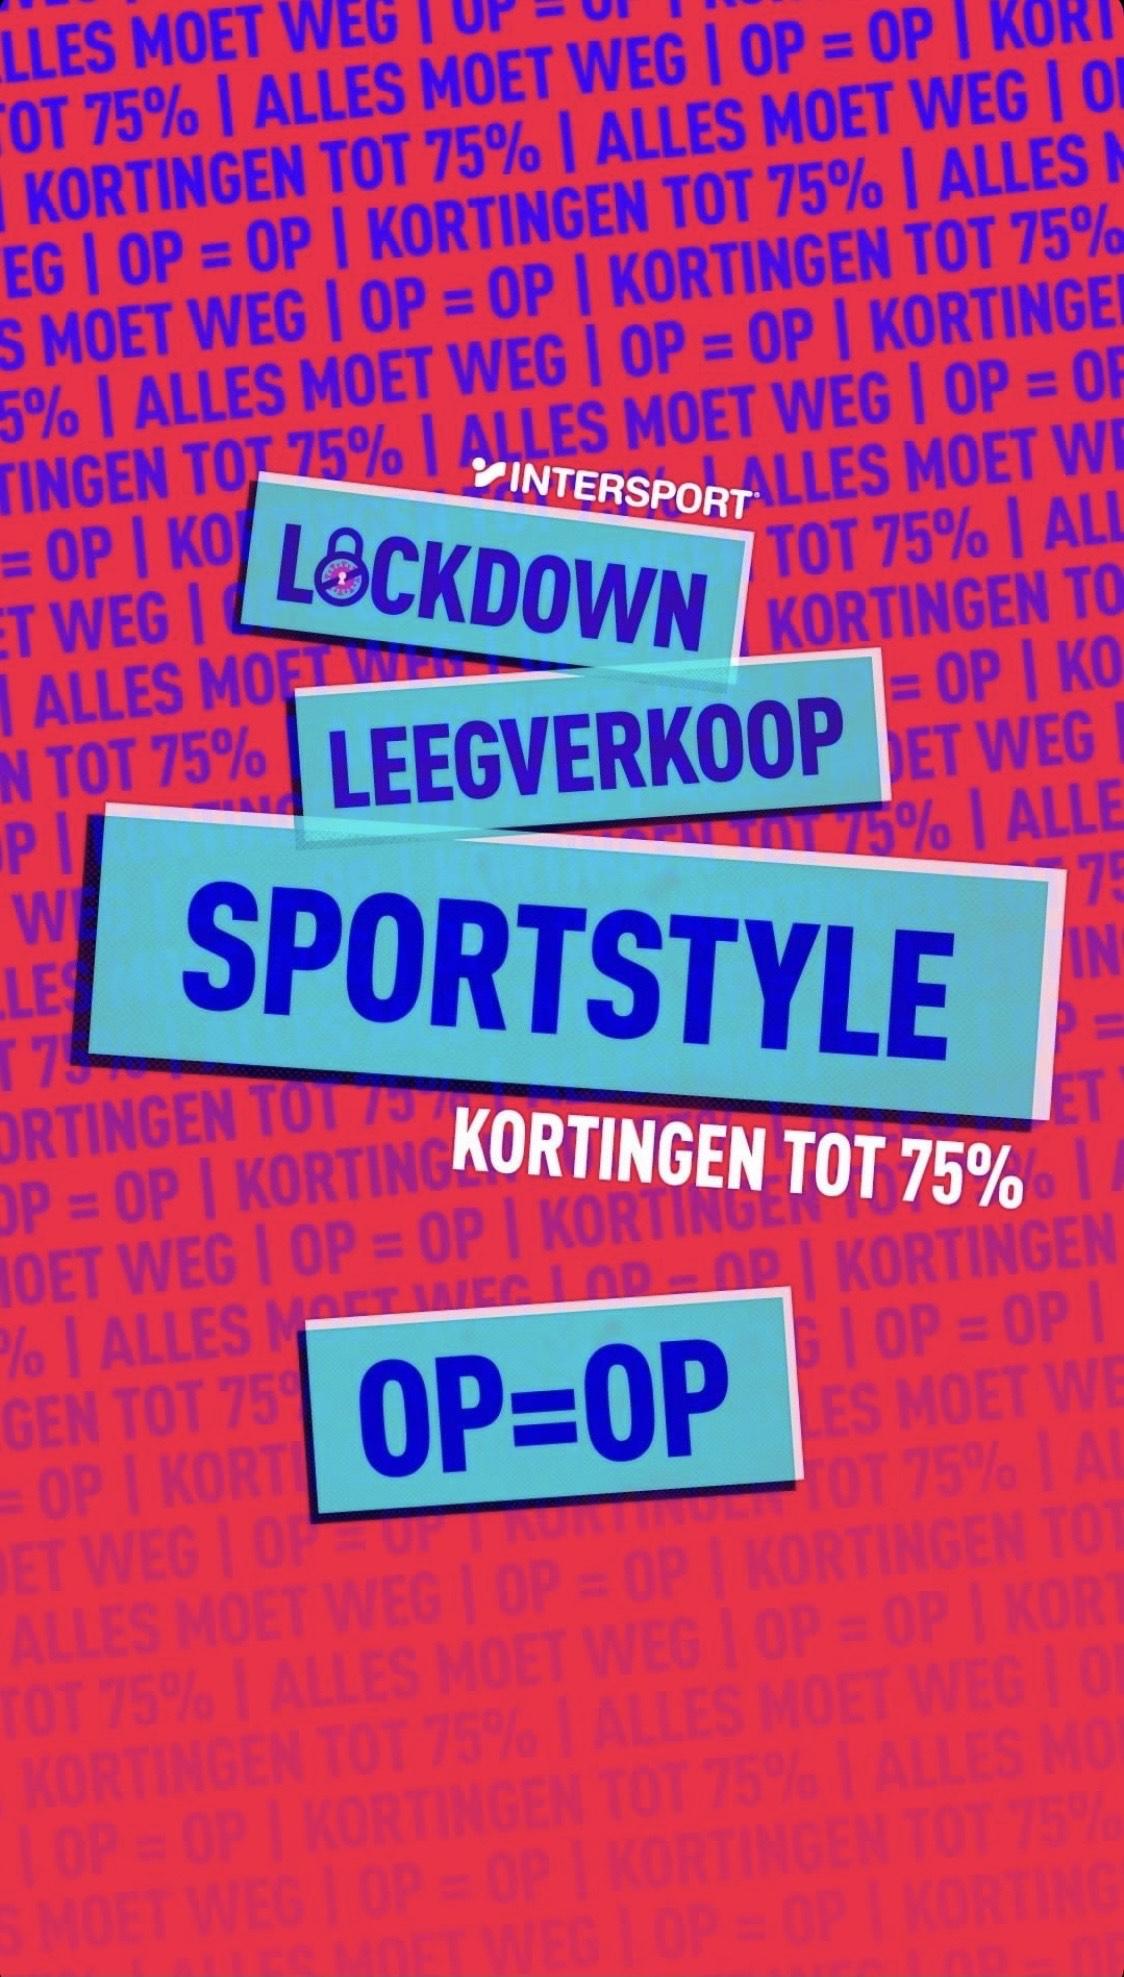 Intersport lockdown leegverkoop!